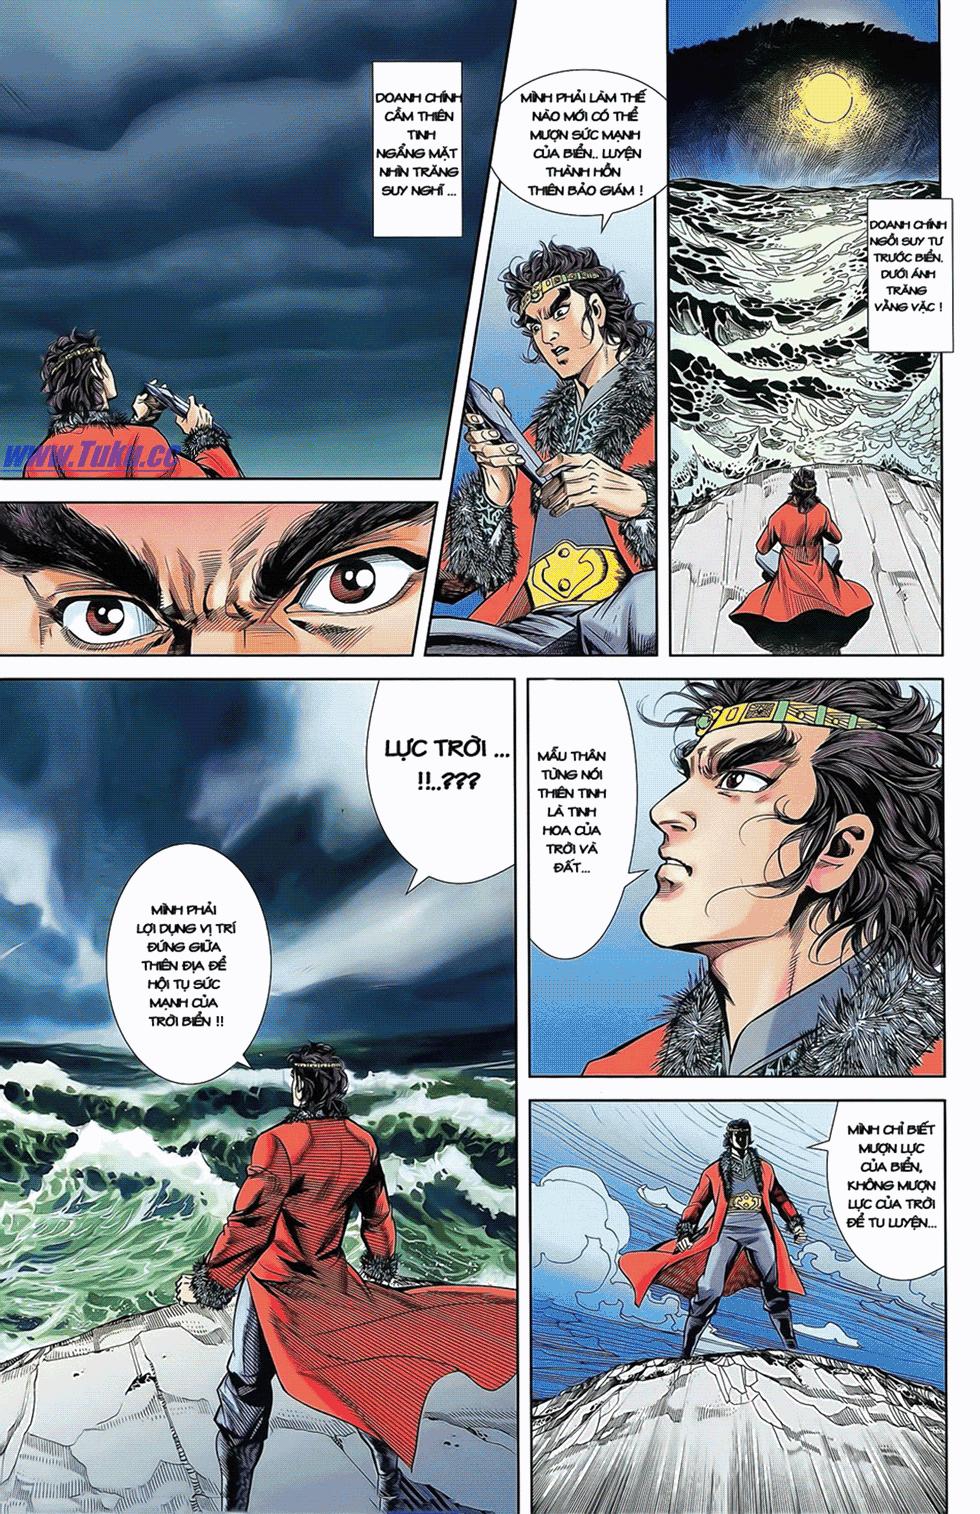 Tần Vương Doanh Chính chapter 7 trang 27